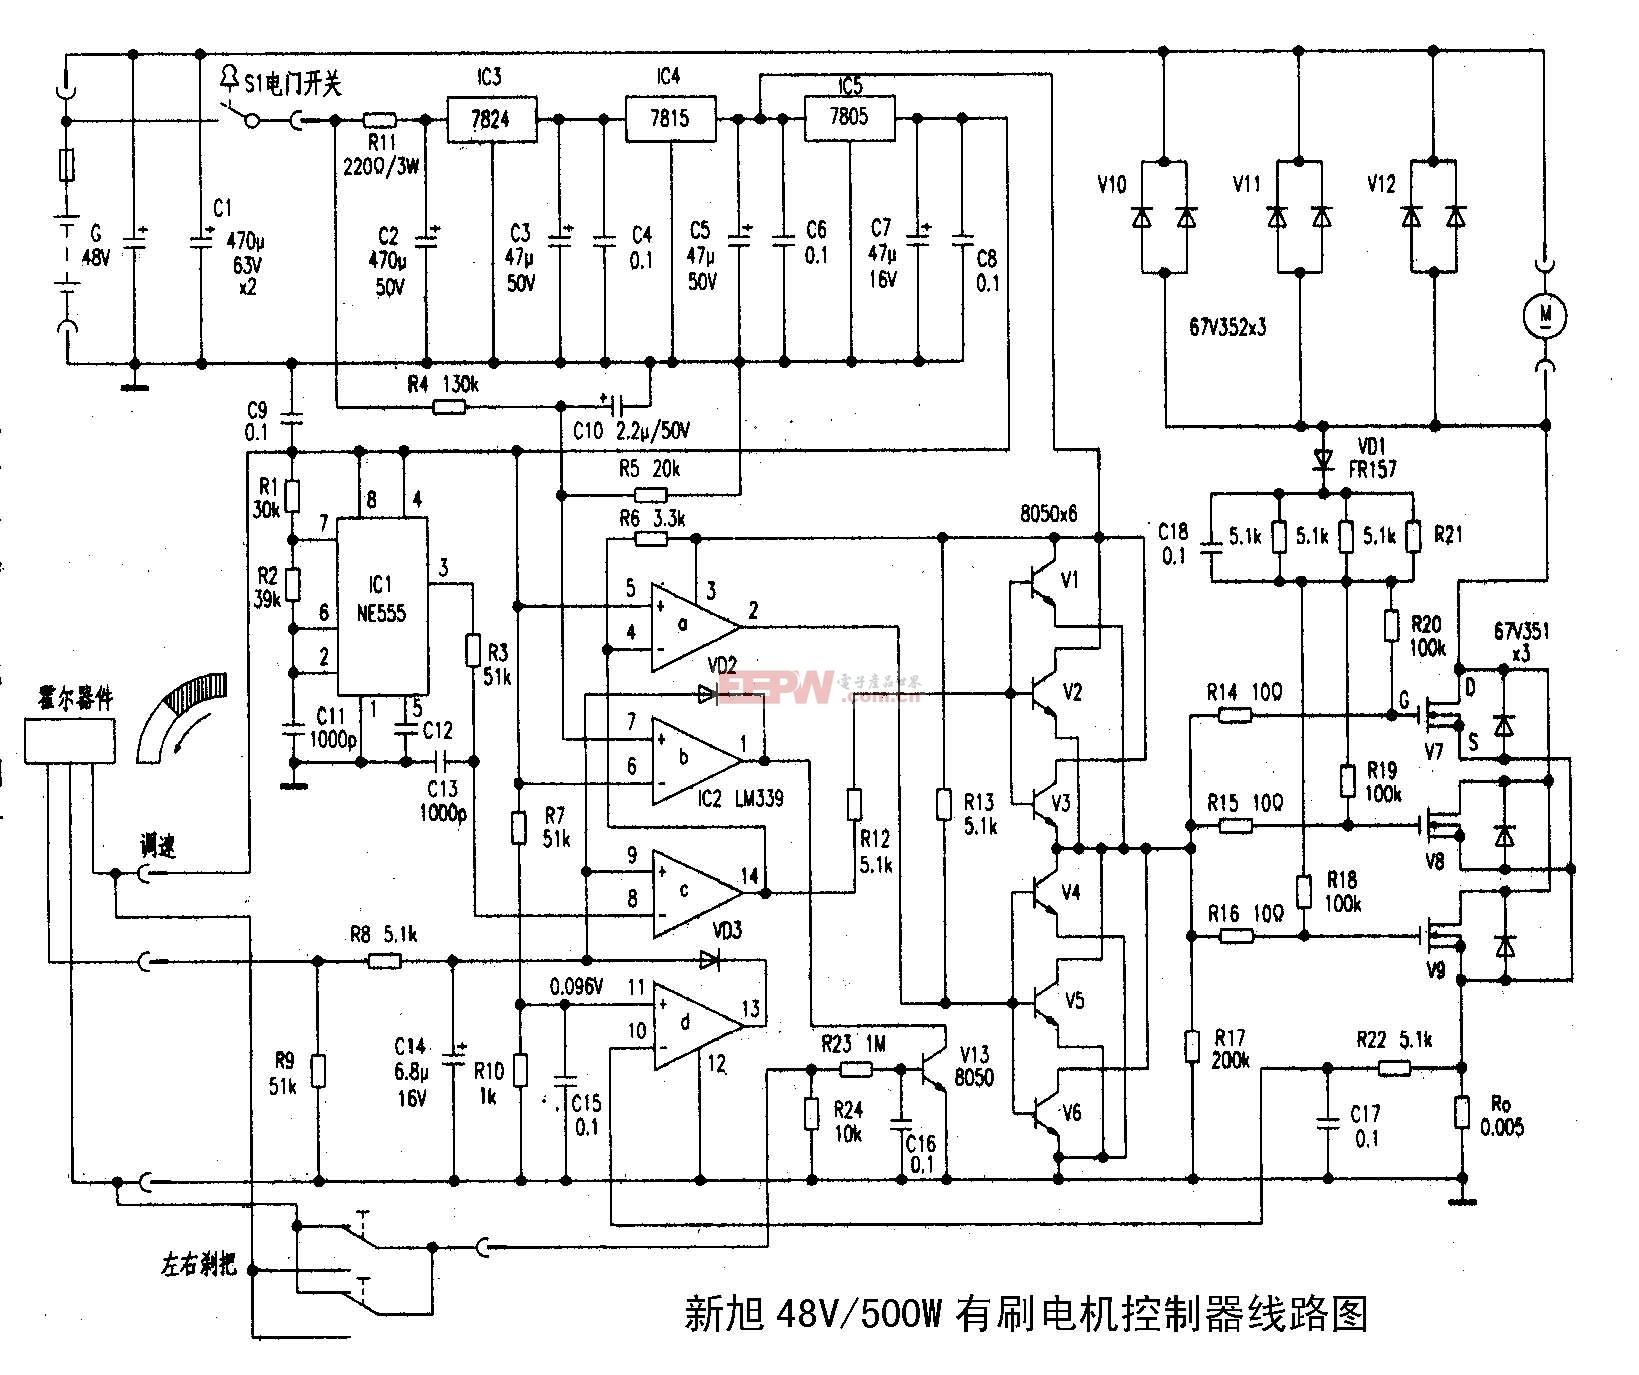 高清晰!电动自行车电路图新旭48V-500W